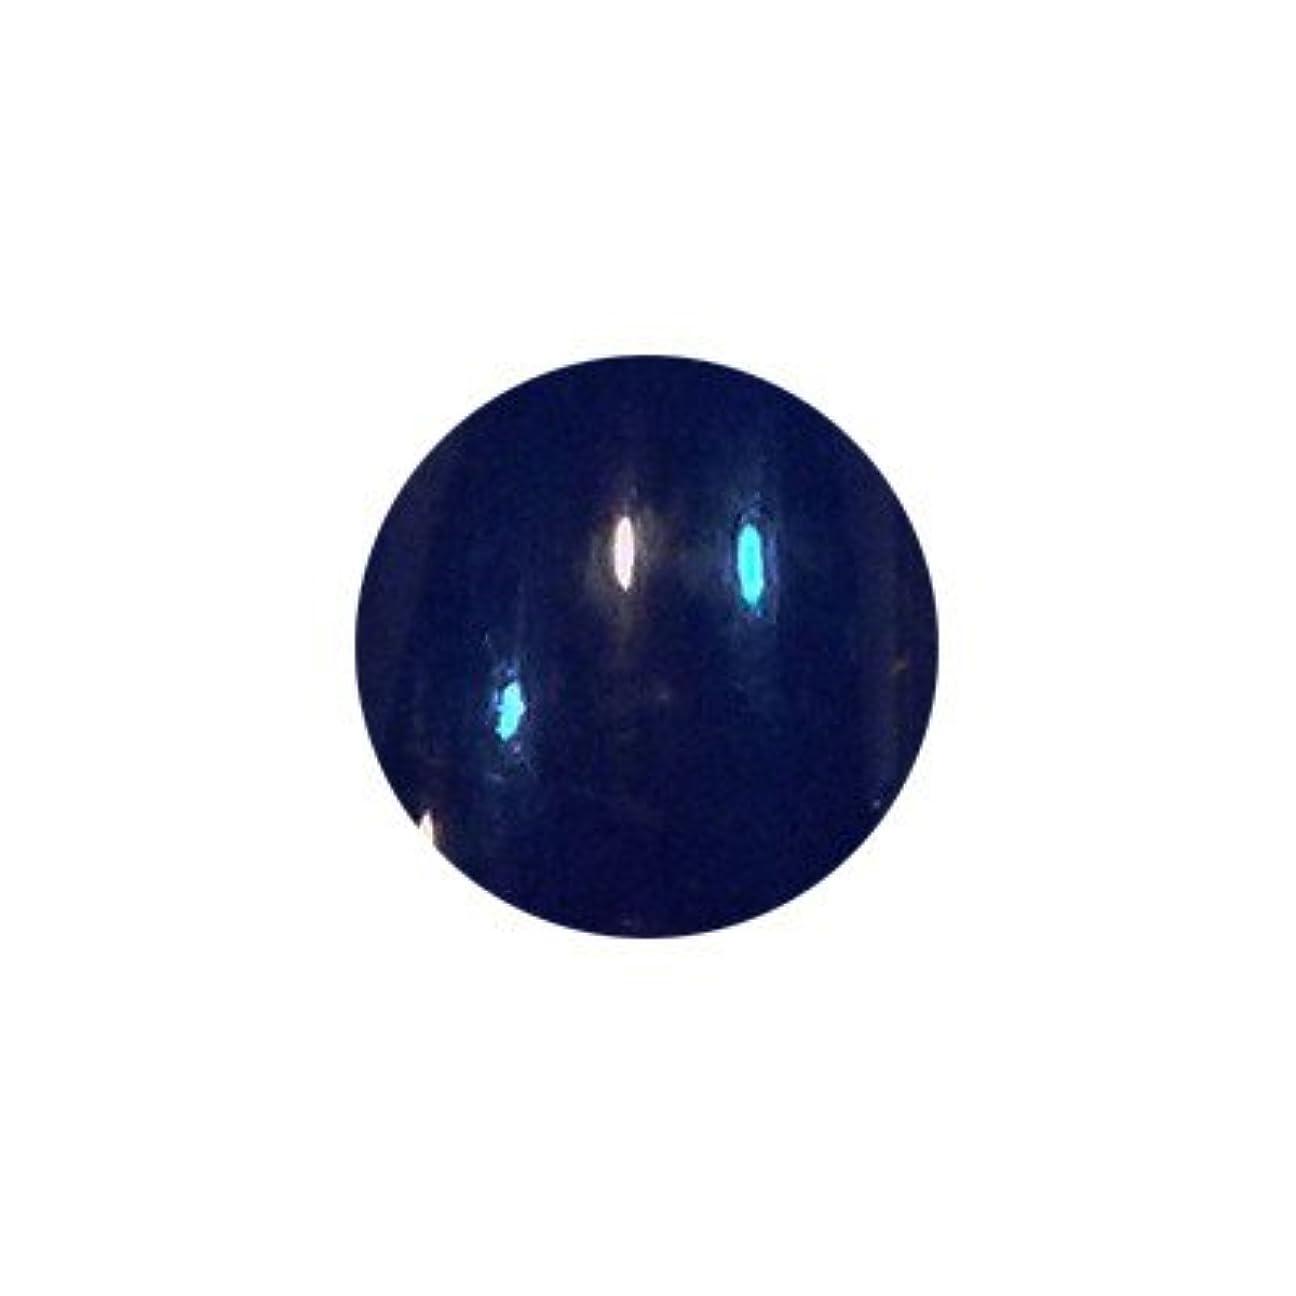 聴覚障害者取り壊すスプリットアイスジェル カラージェル LB-384 3g